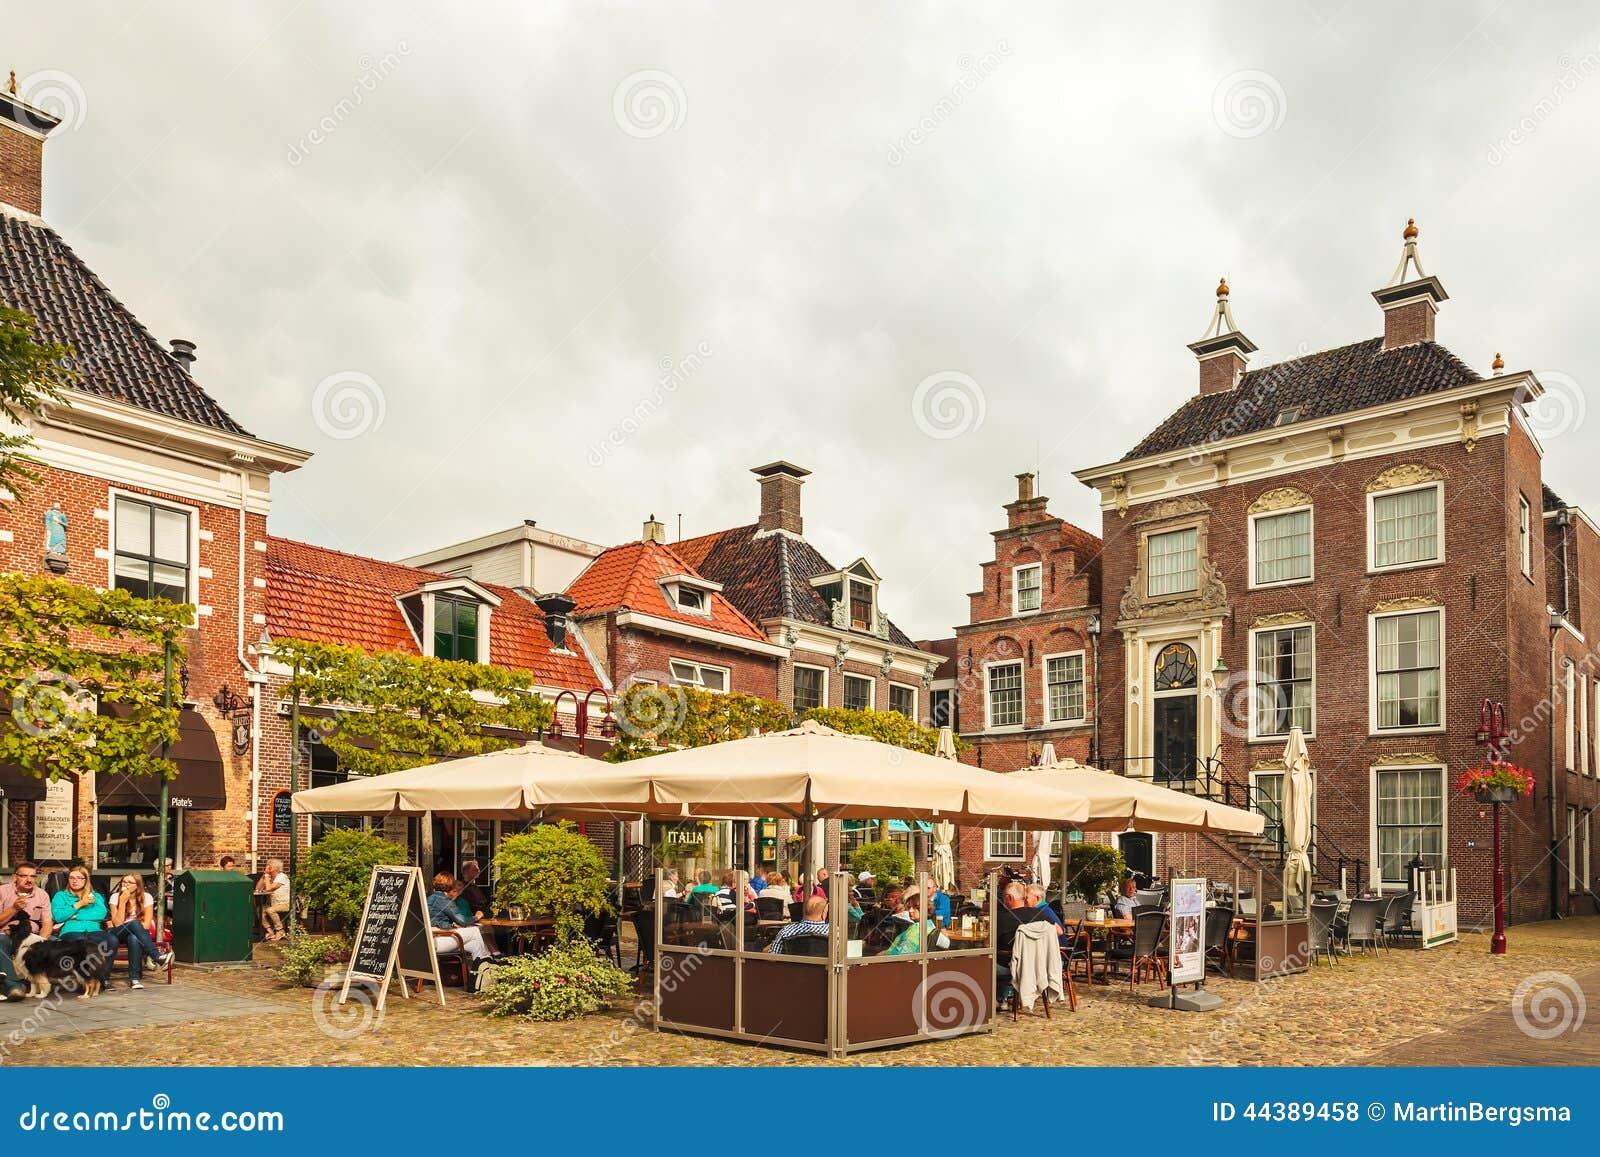 Mensen die van een de zomerdag op een terras in de oude stad van wor genieten redactionele stock - Foto sluit een overdekt terras ...